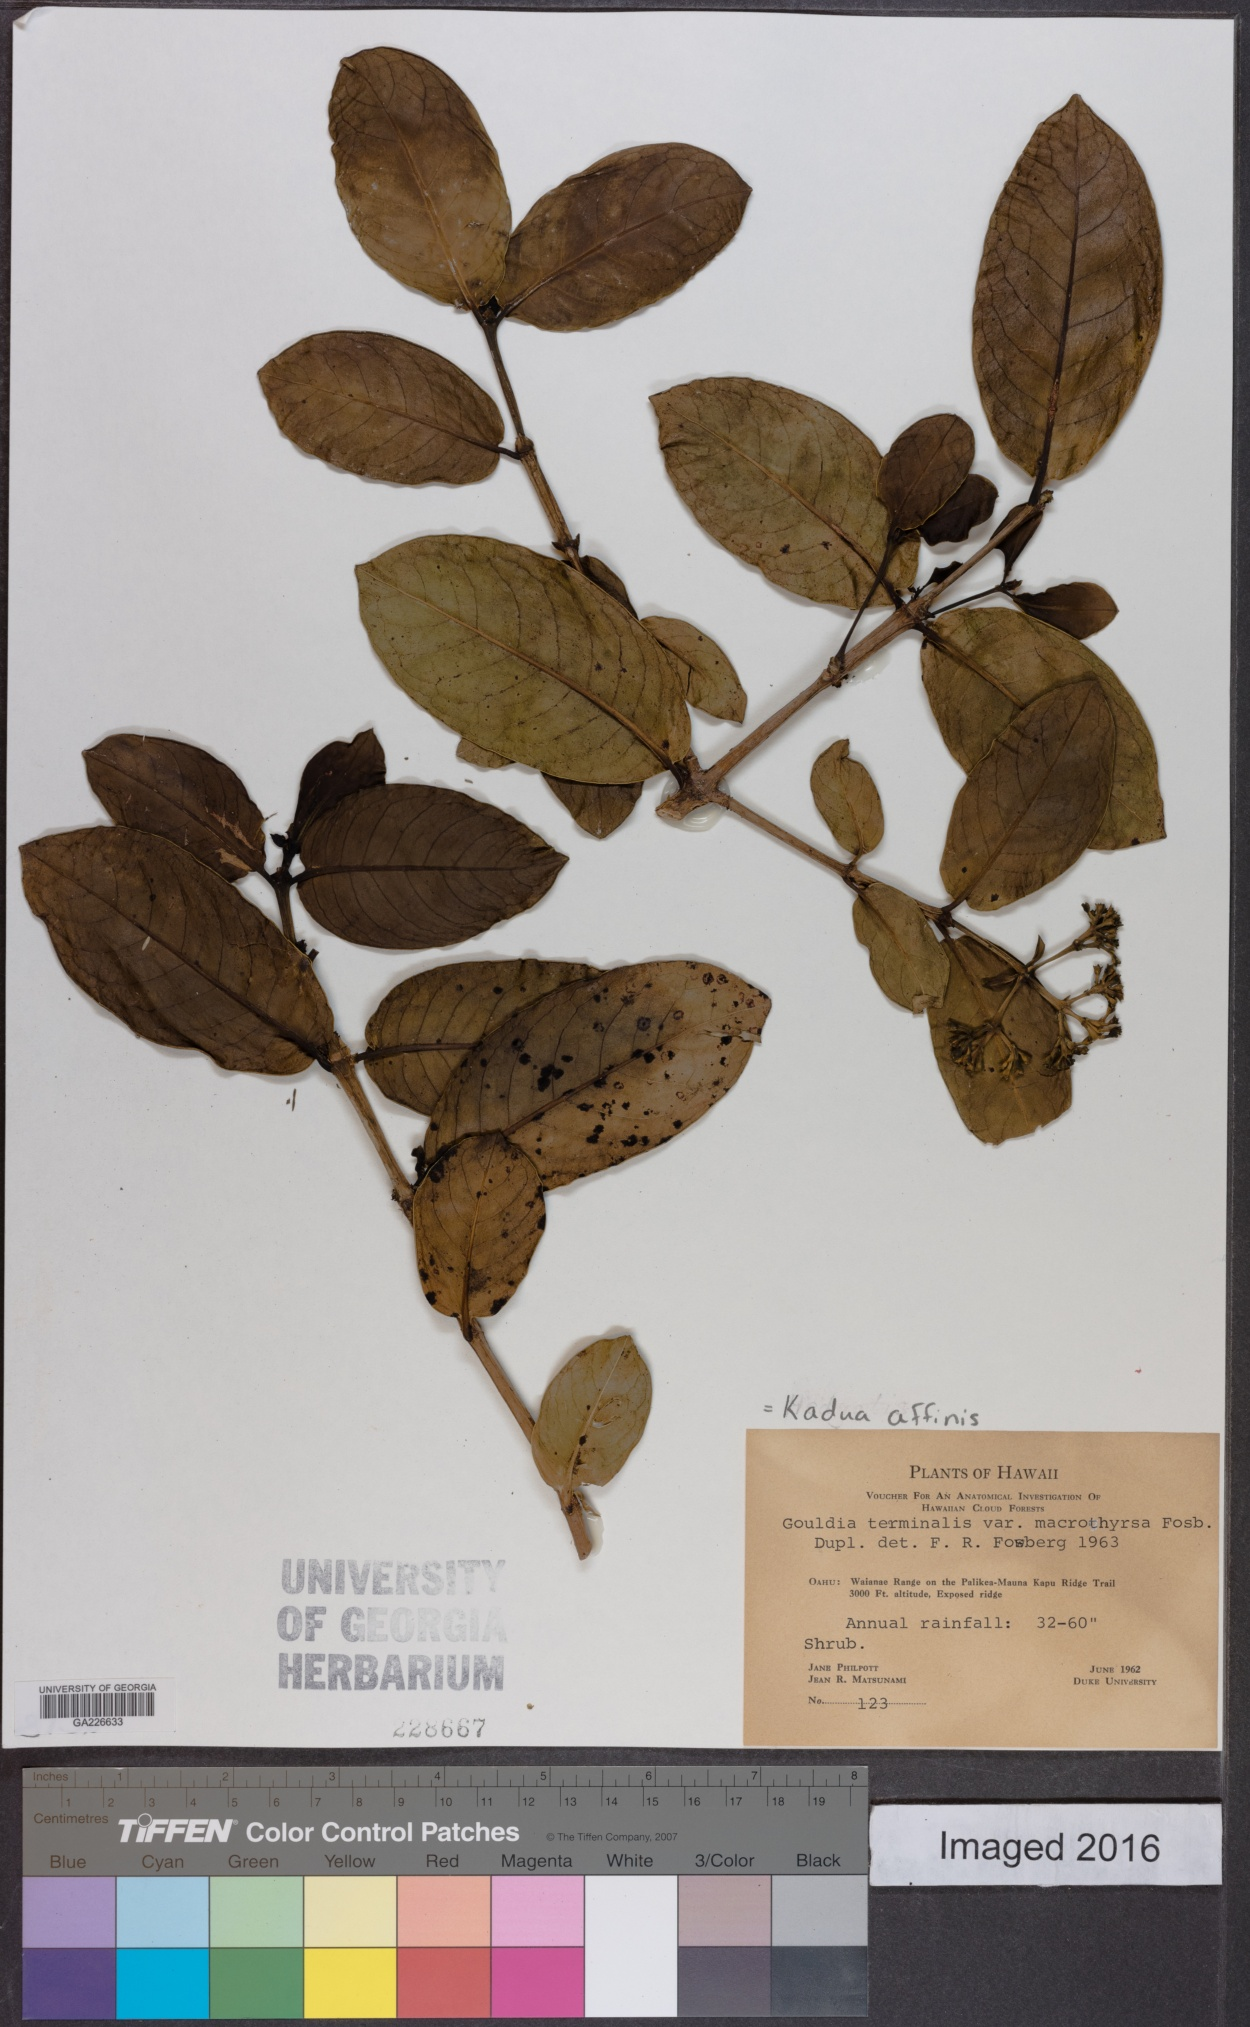 Kadua affinis image